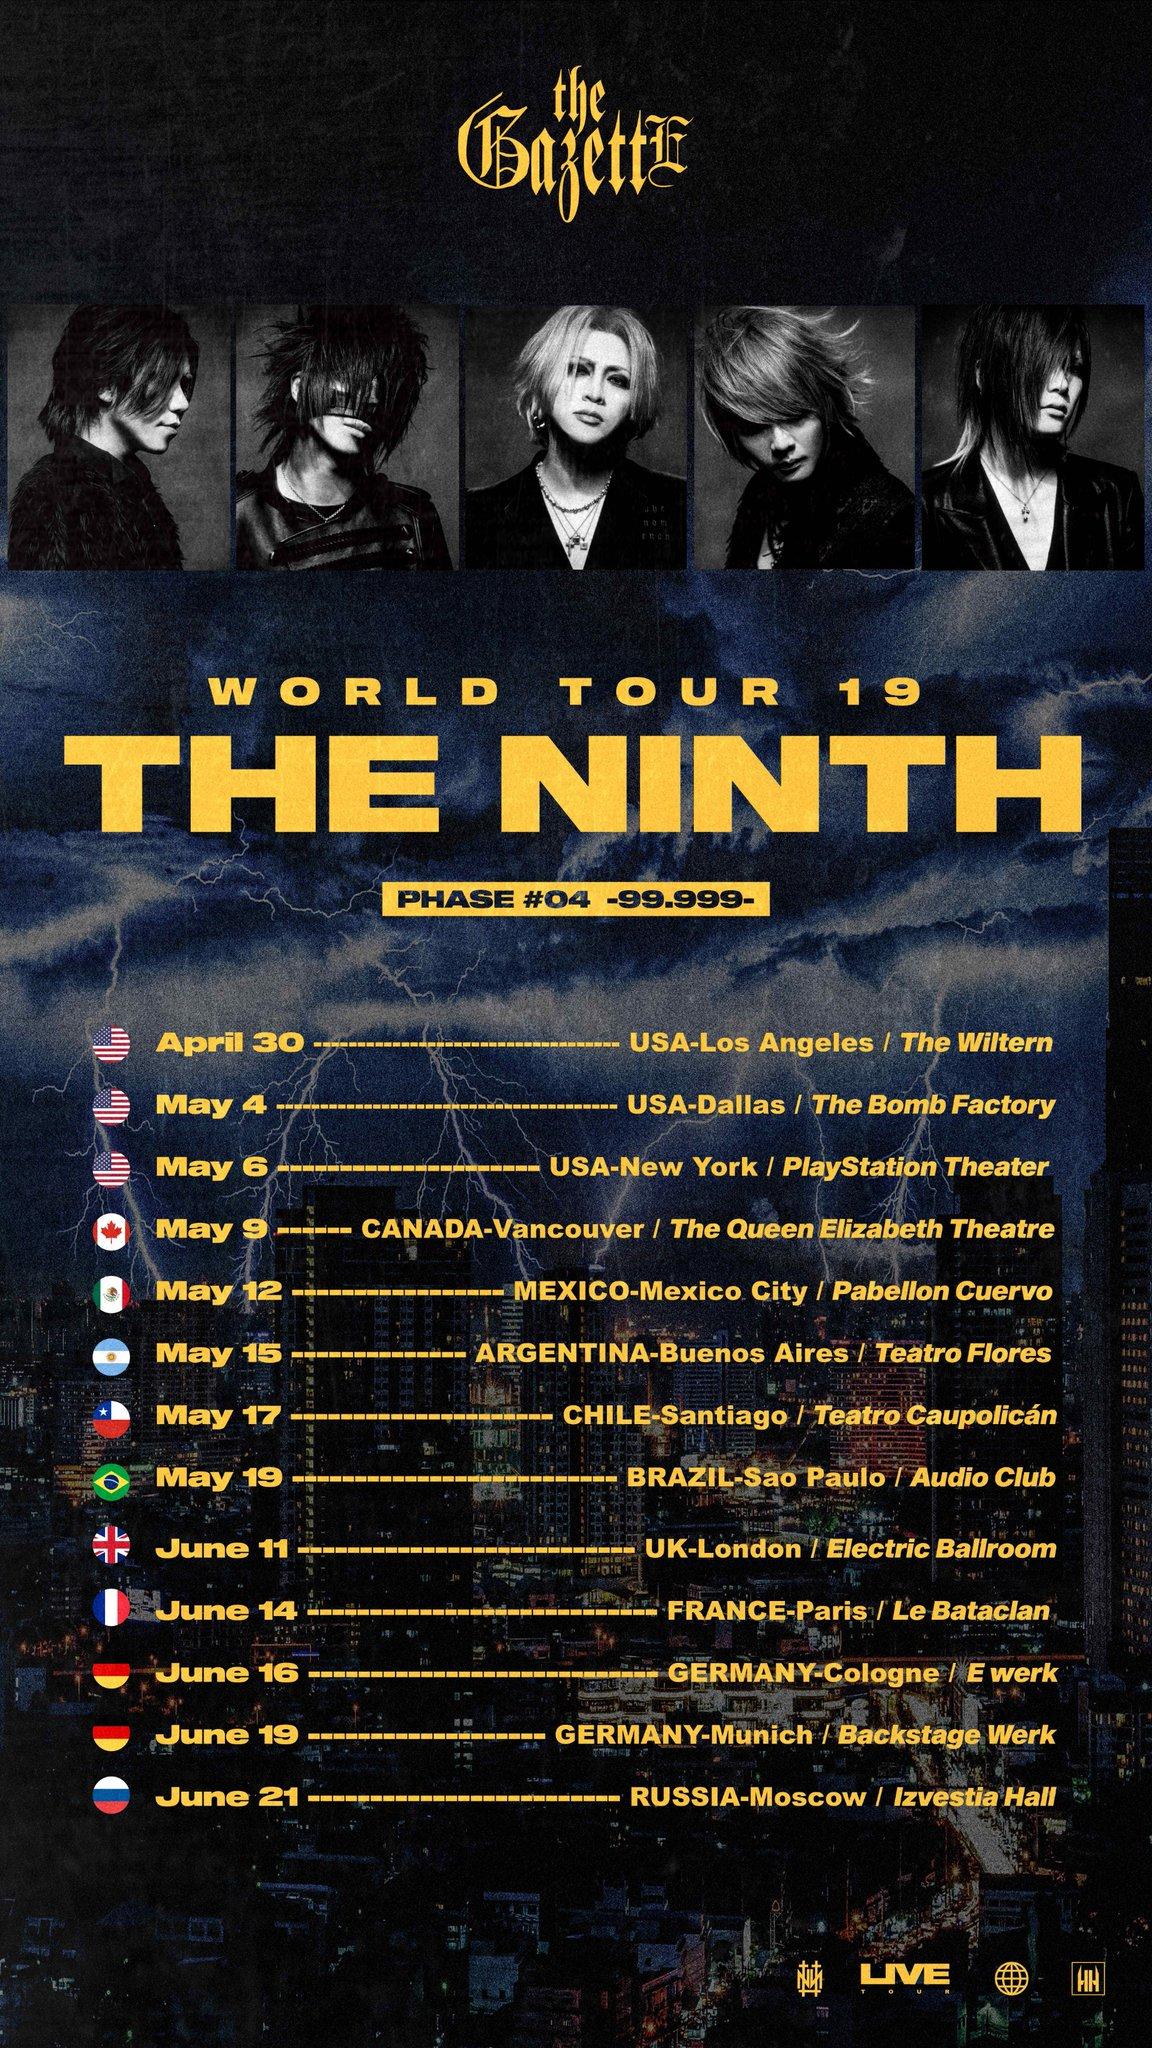 JRock247-The-GazettE-the-ninth-world-tour-2019-A